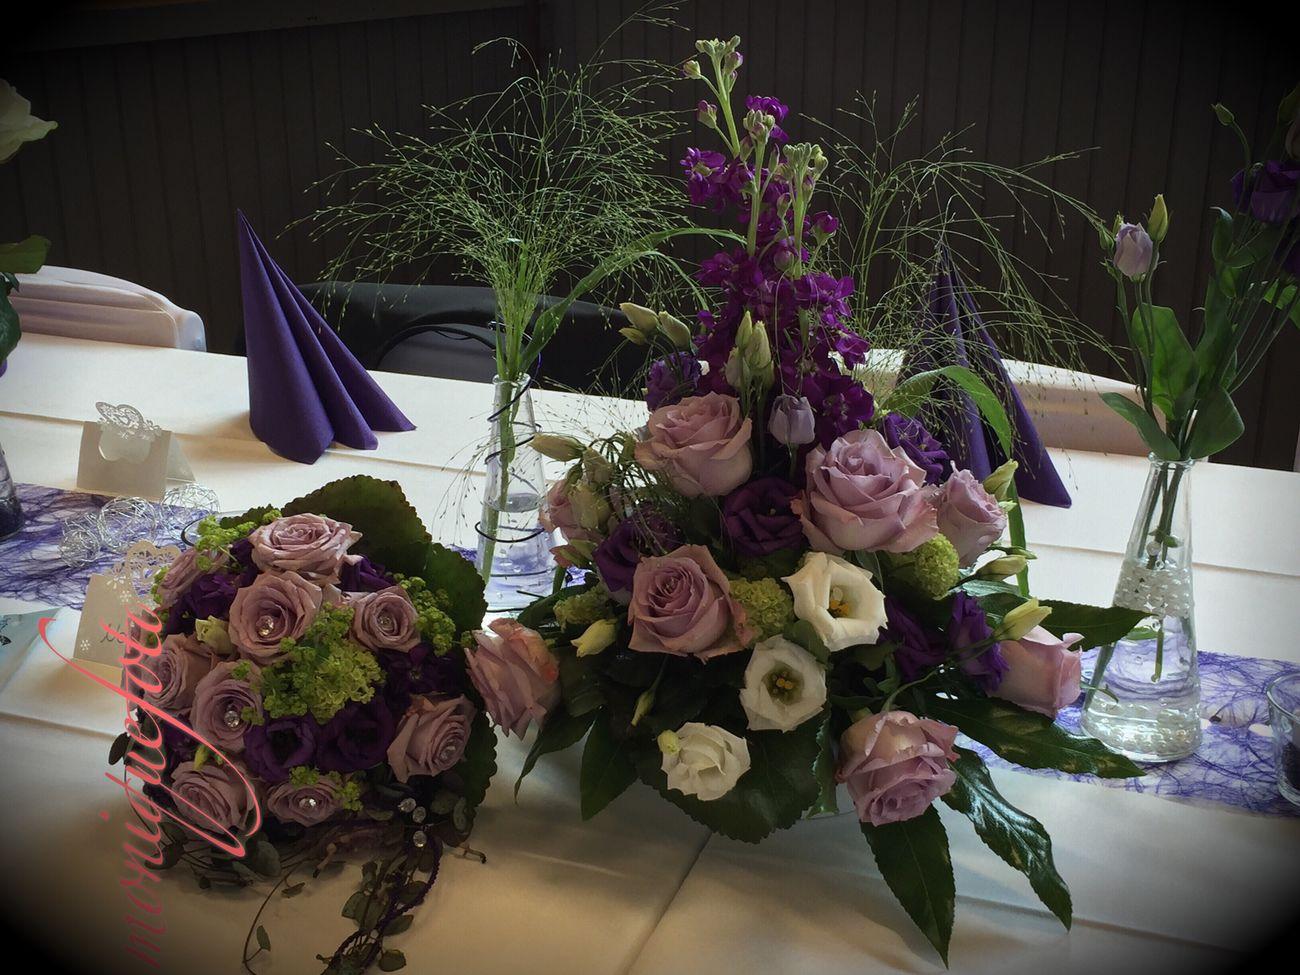 Brautstrauß und Tischdeko 💕💗 Monique52 Brautstrauss Blumenstrauß Tischdeko  Hochzeit Feiern